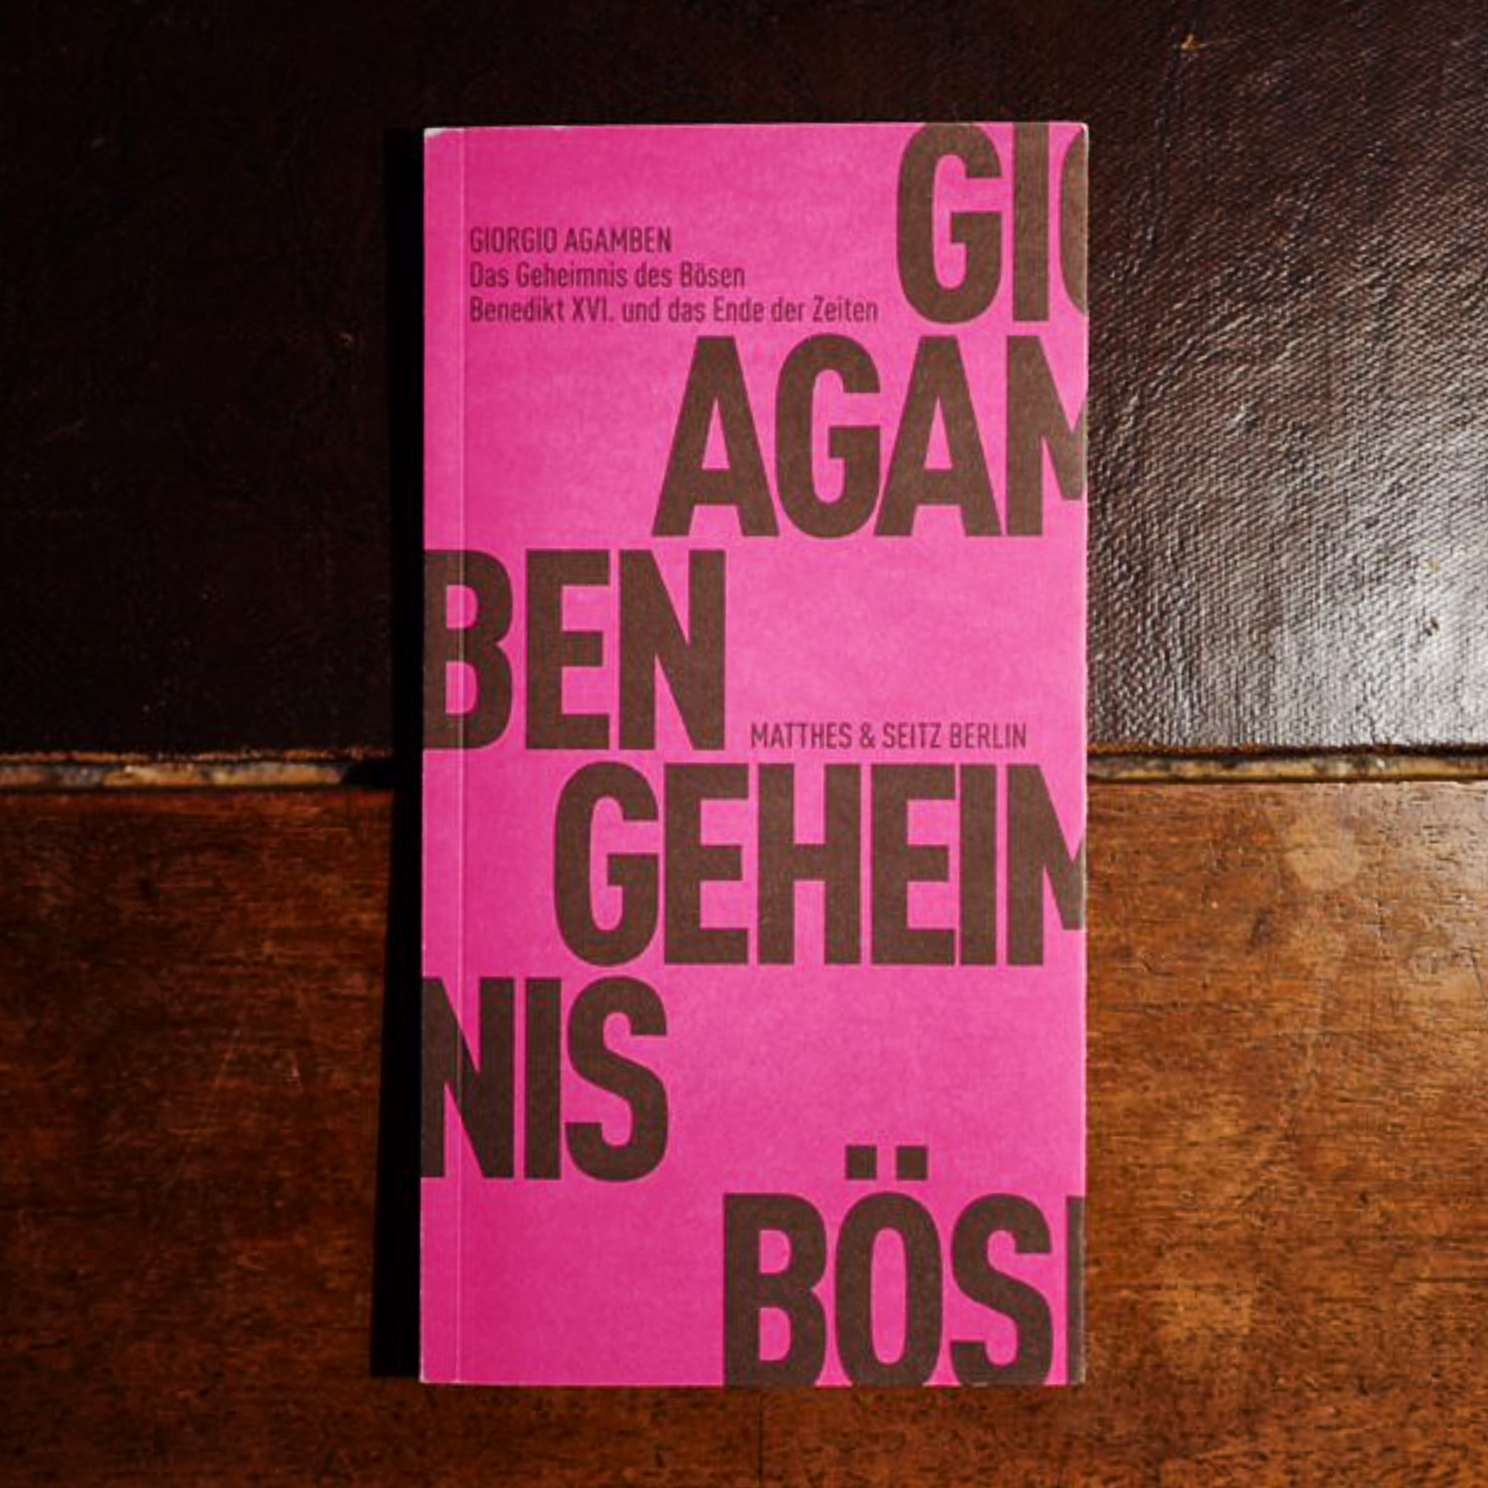 Giorgio Agamben,  Das Geheimnis des Bösen. Benedikt XVI. und das Ende der Zeiten  (Berlin: Matthes & Seitz, 2015).   Buch der Woche vom 18.02.2018